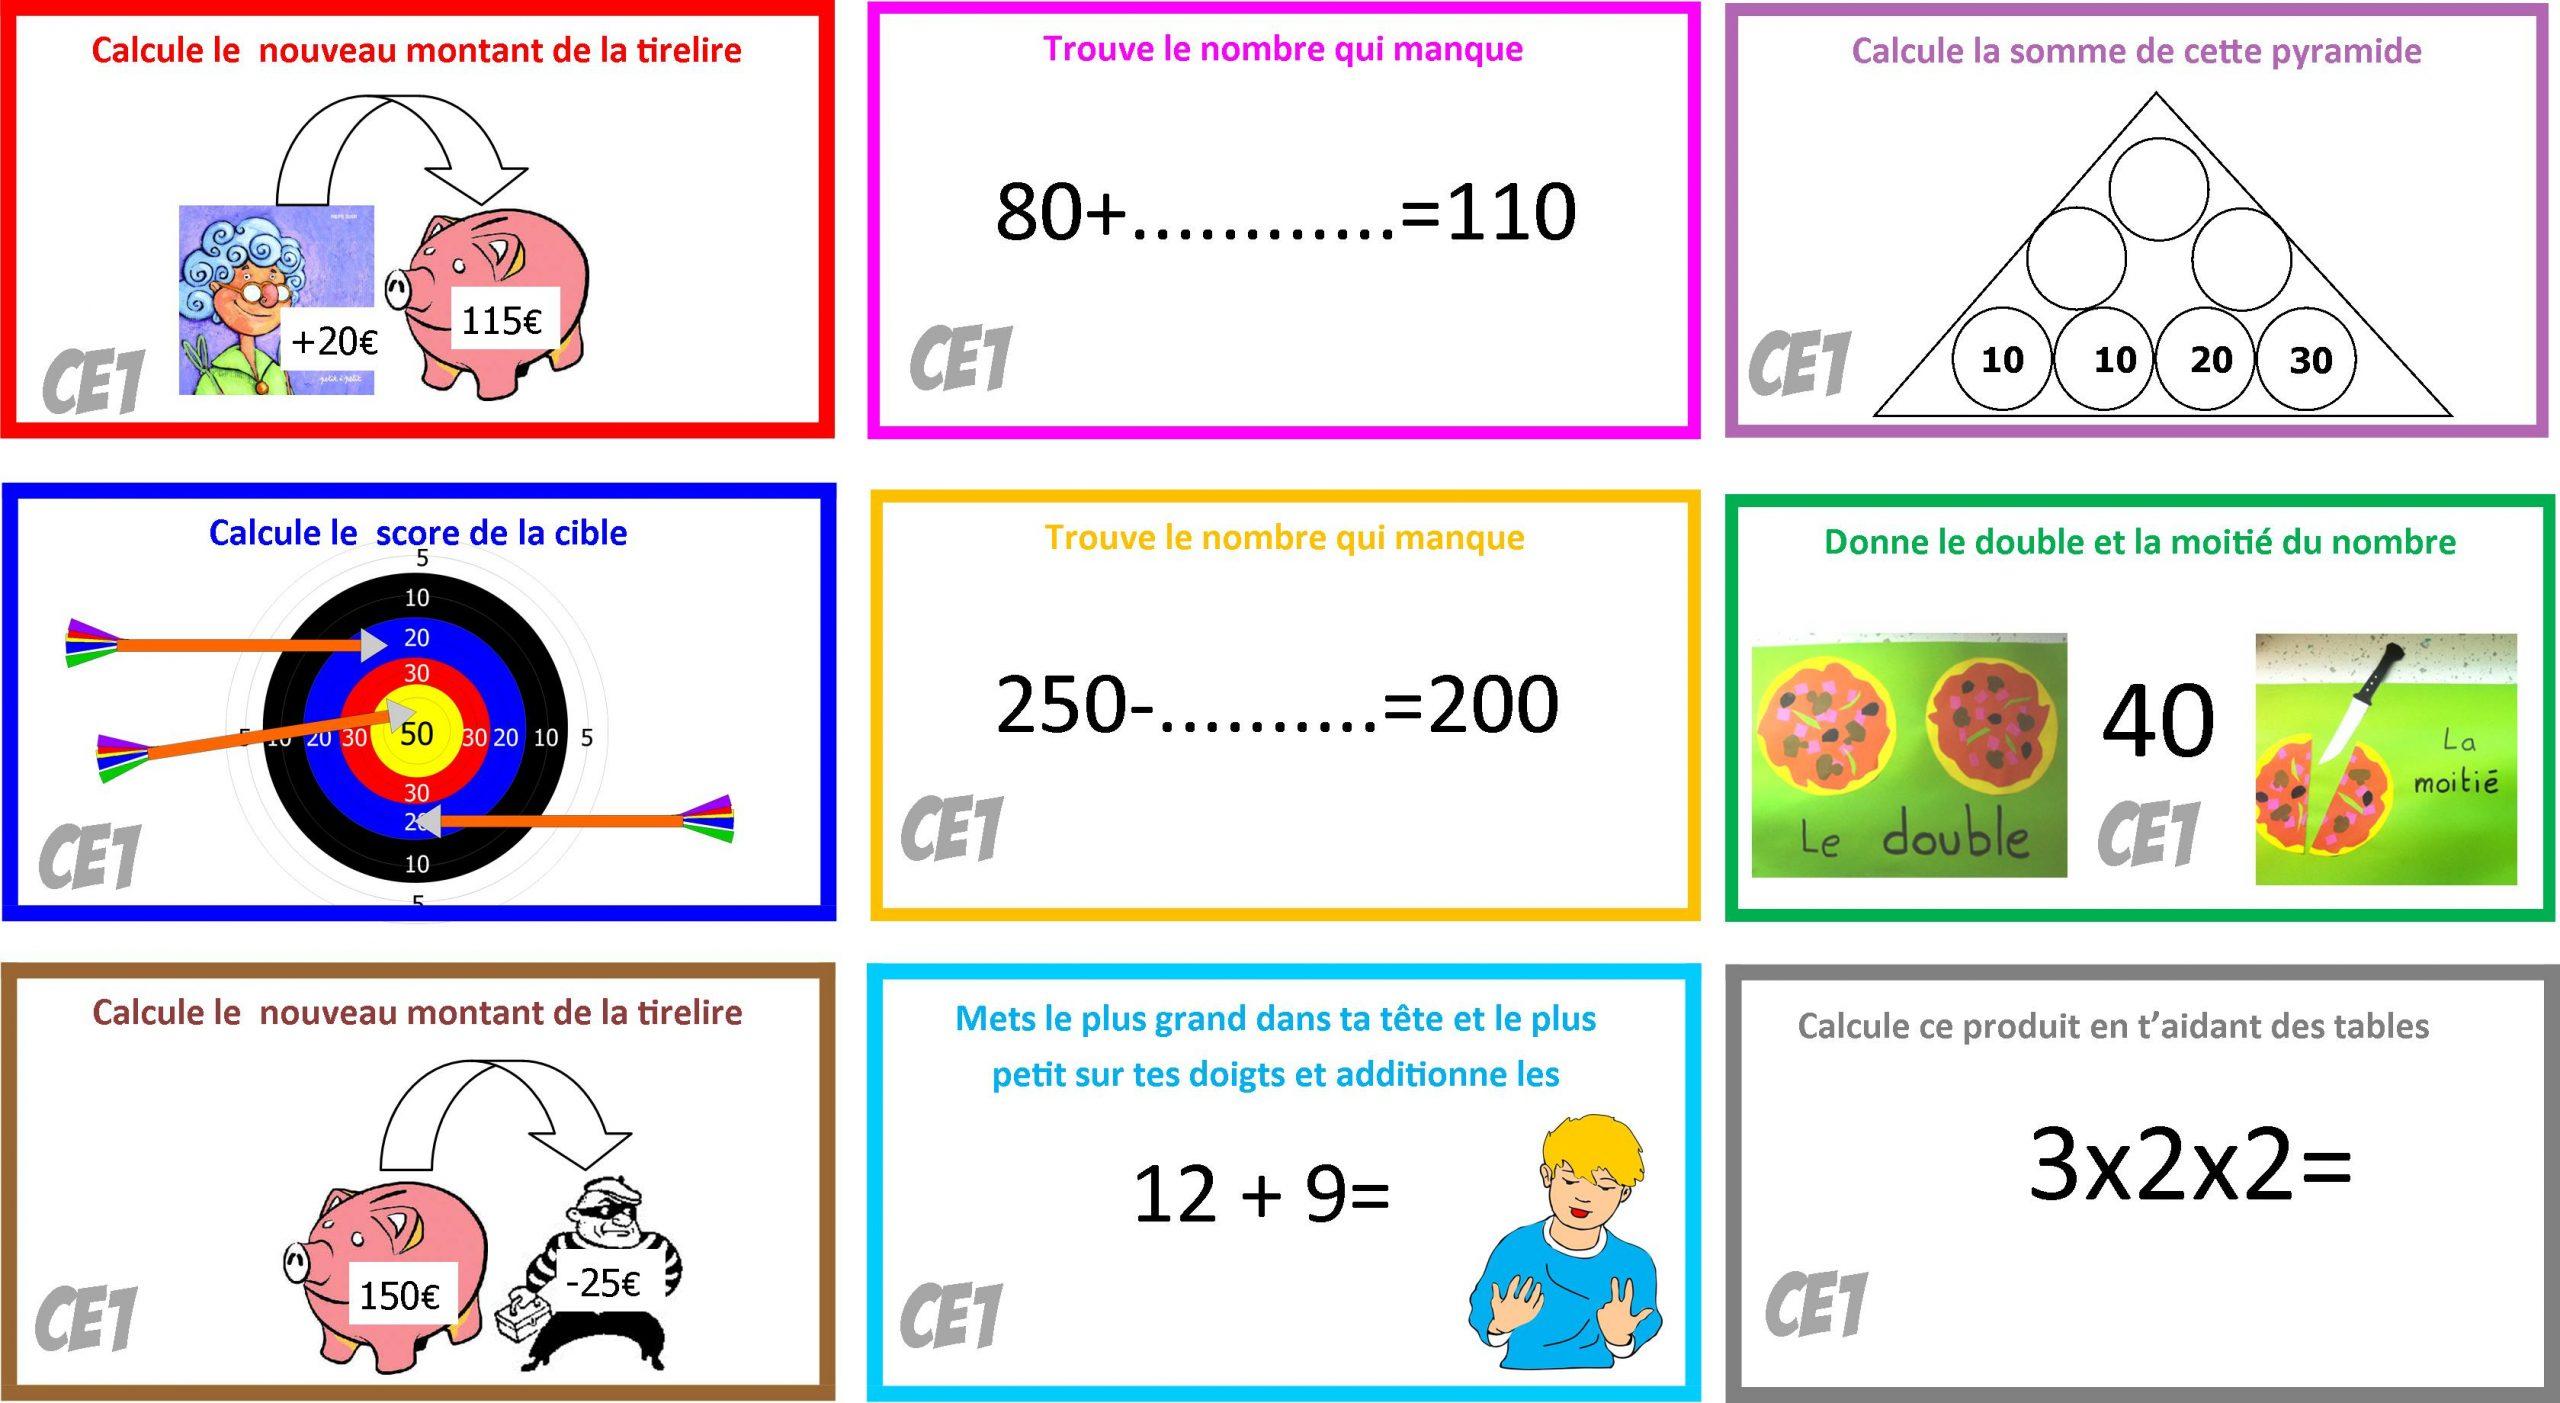 Jeu De Monsieur Mathieu | Le Blog De Monsieur Mathieu concernant Jeux De Maths Gratuit